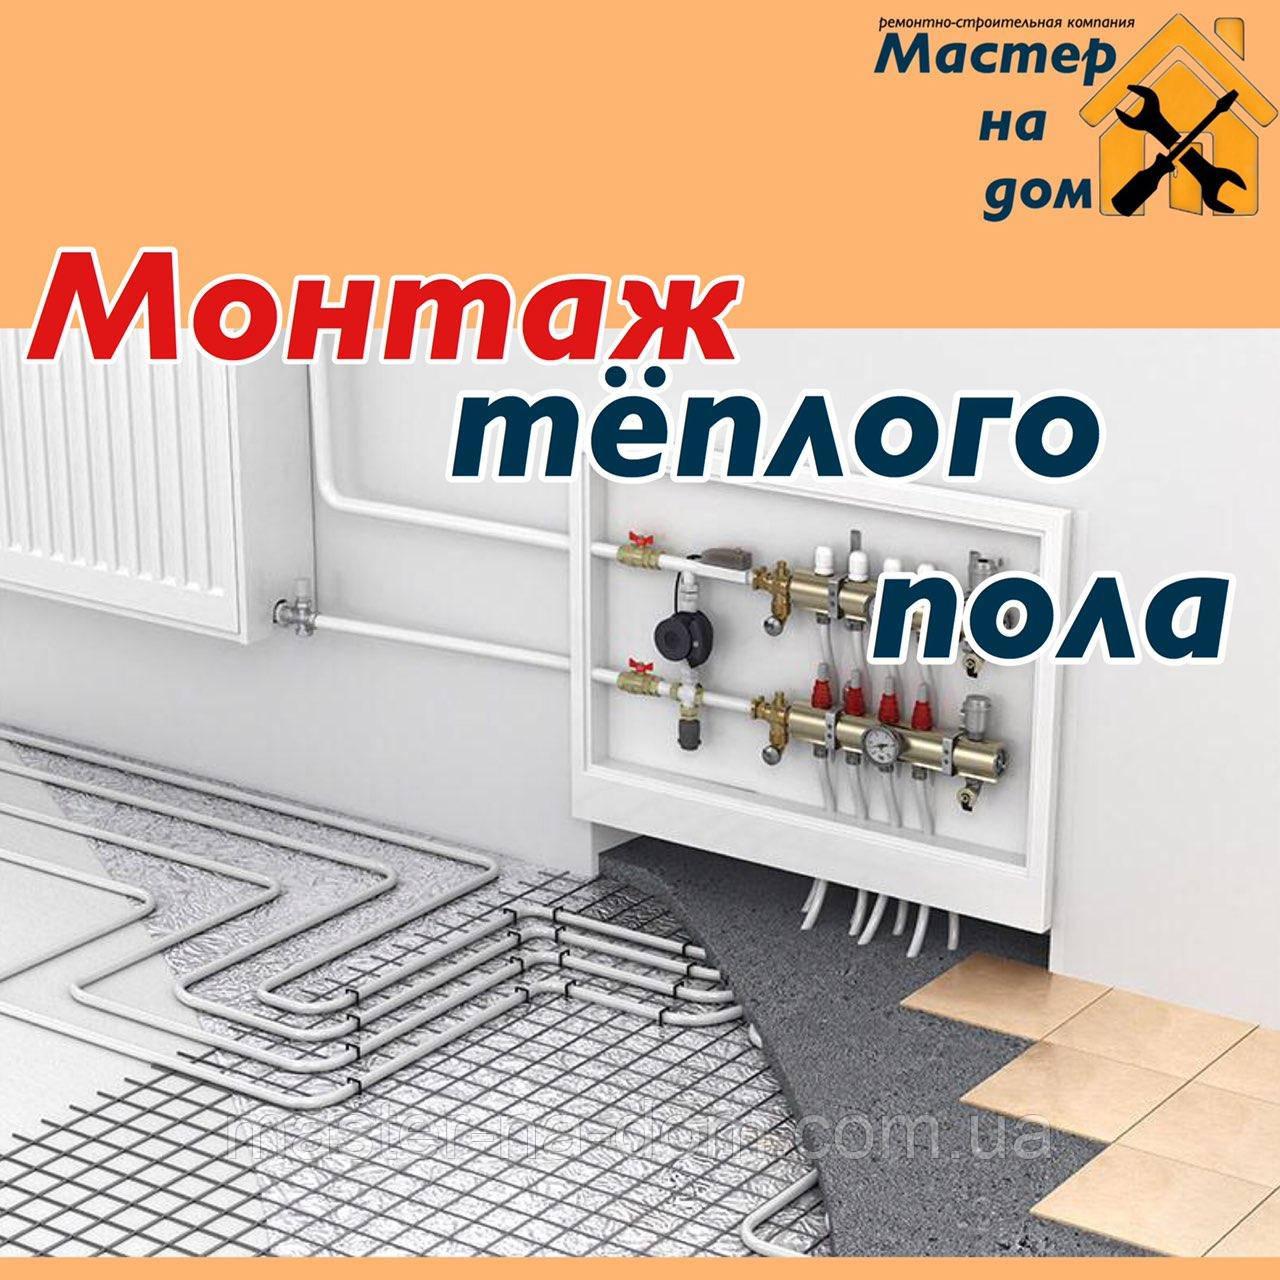 Монтаж теплого пола в Ровном